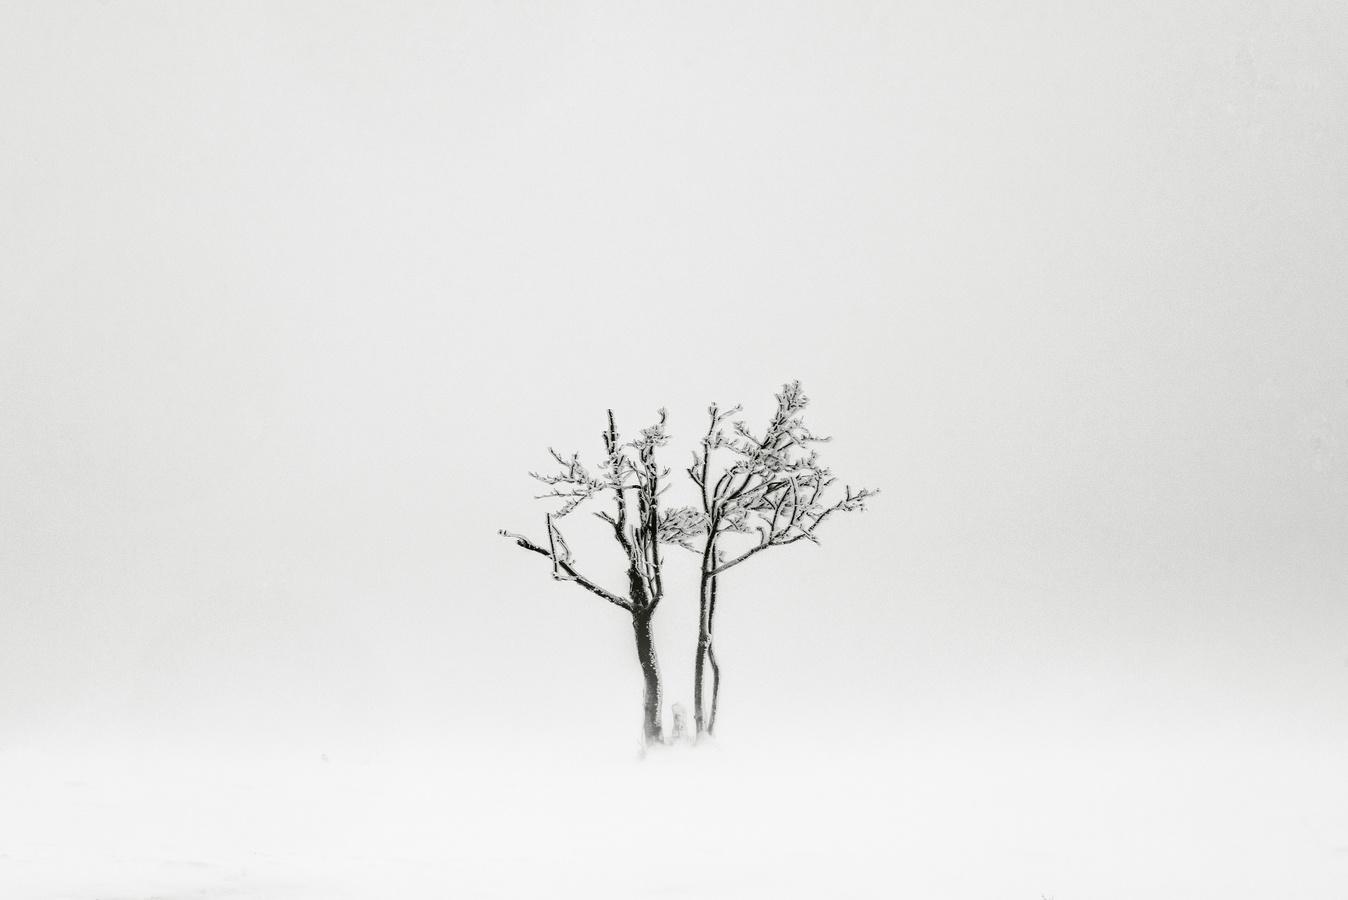 Bílá tma